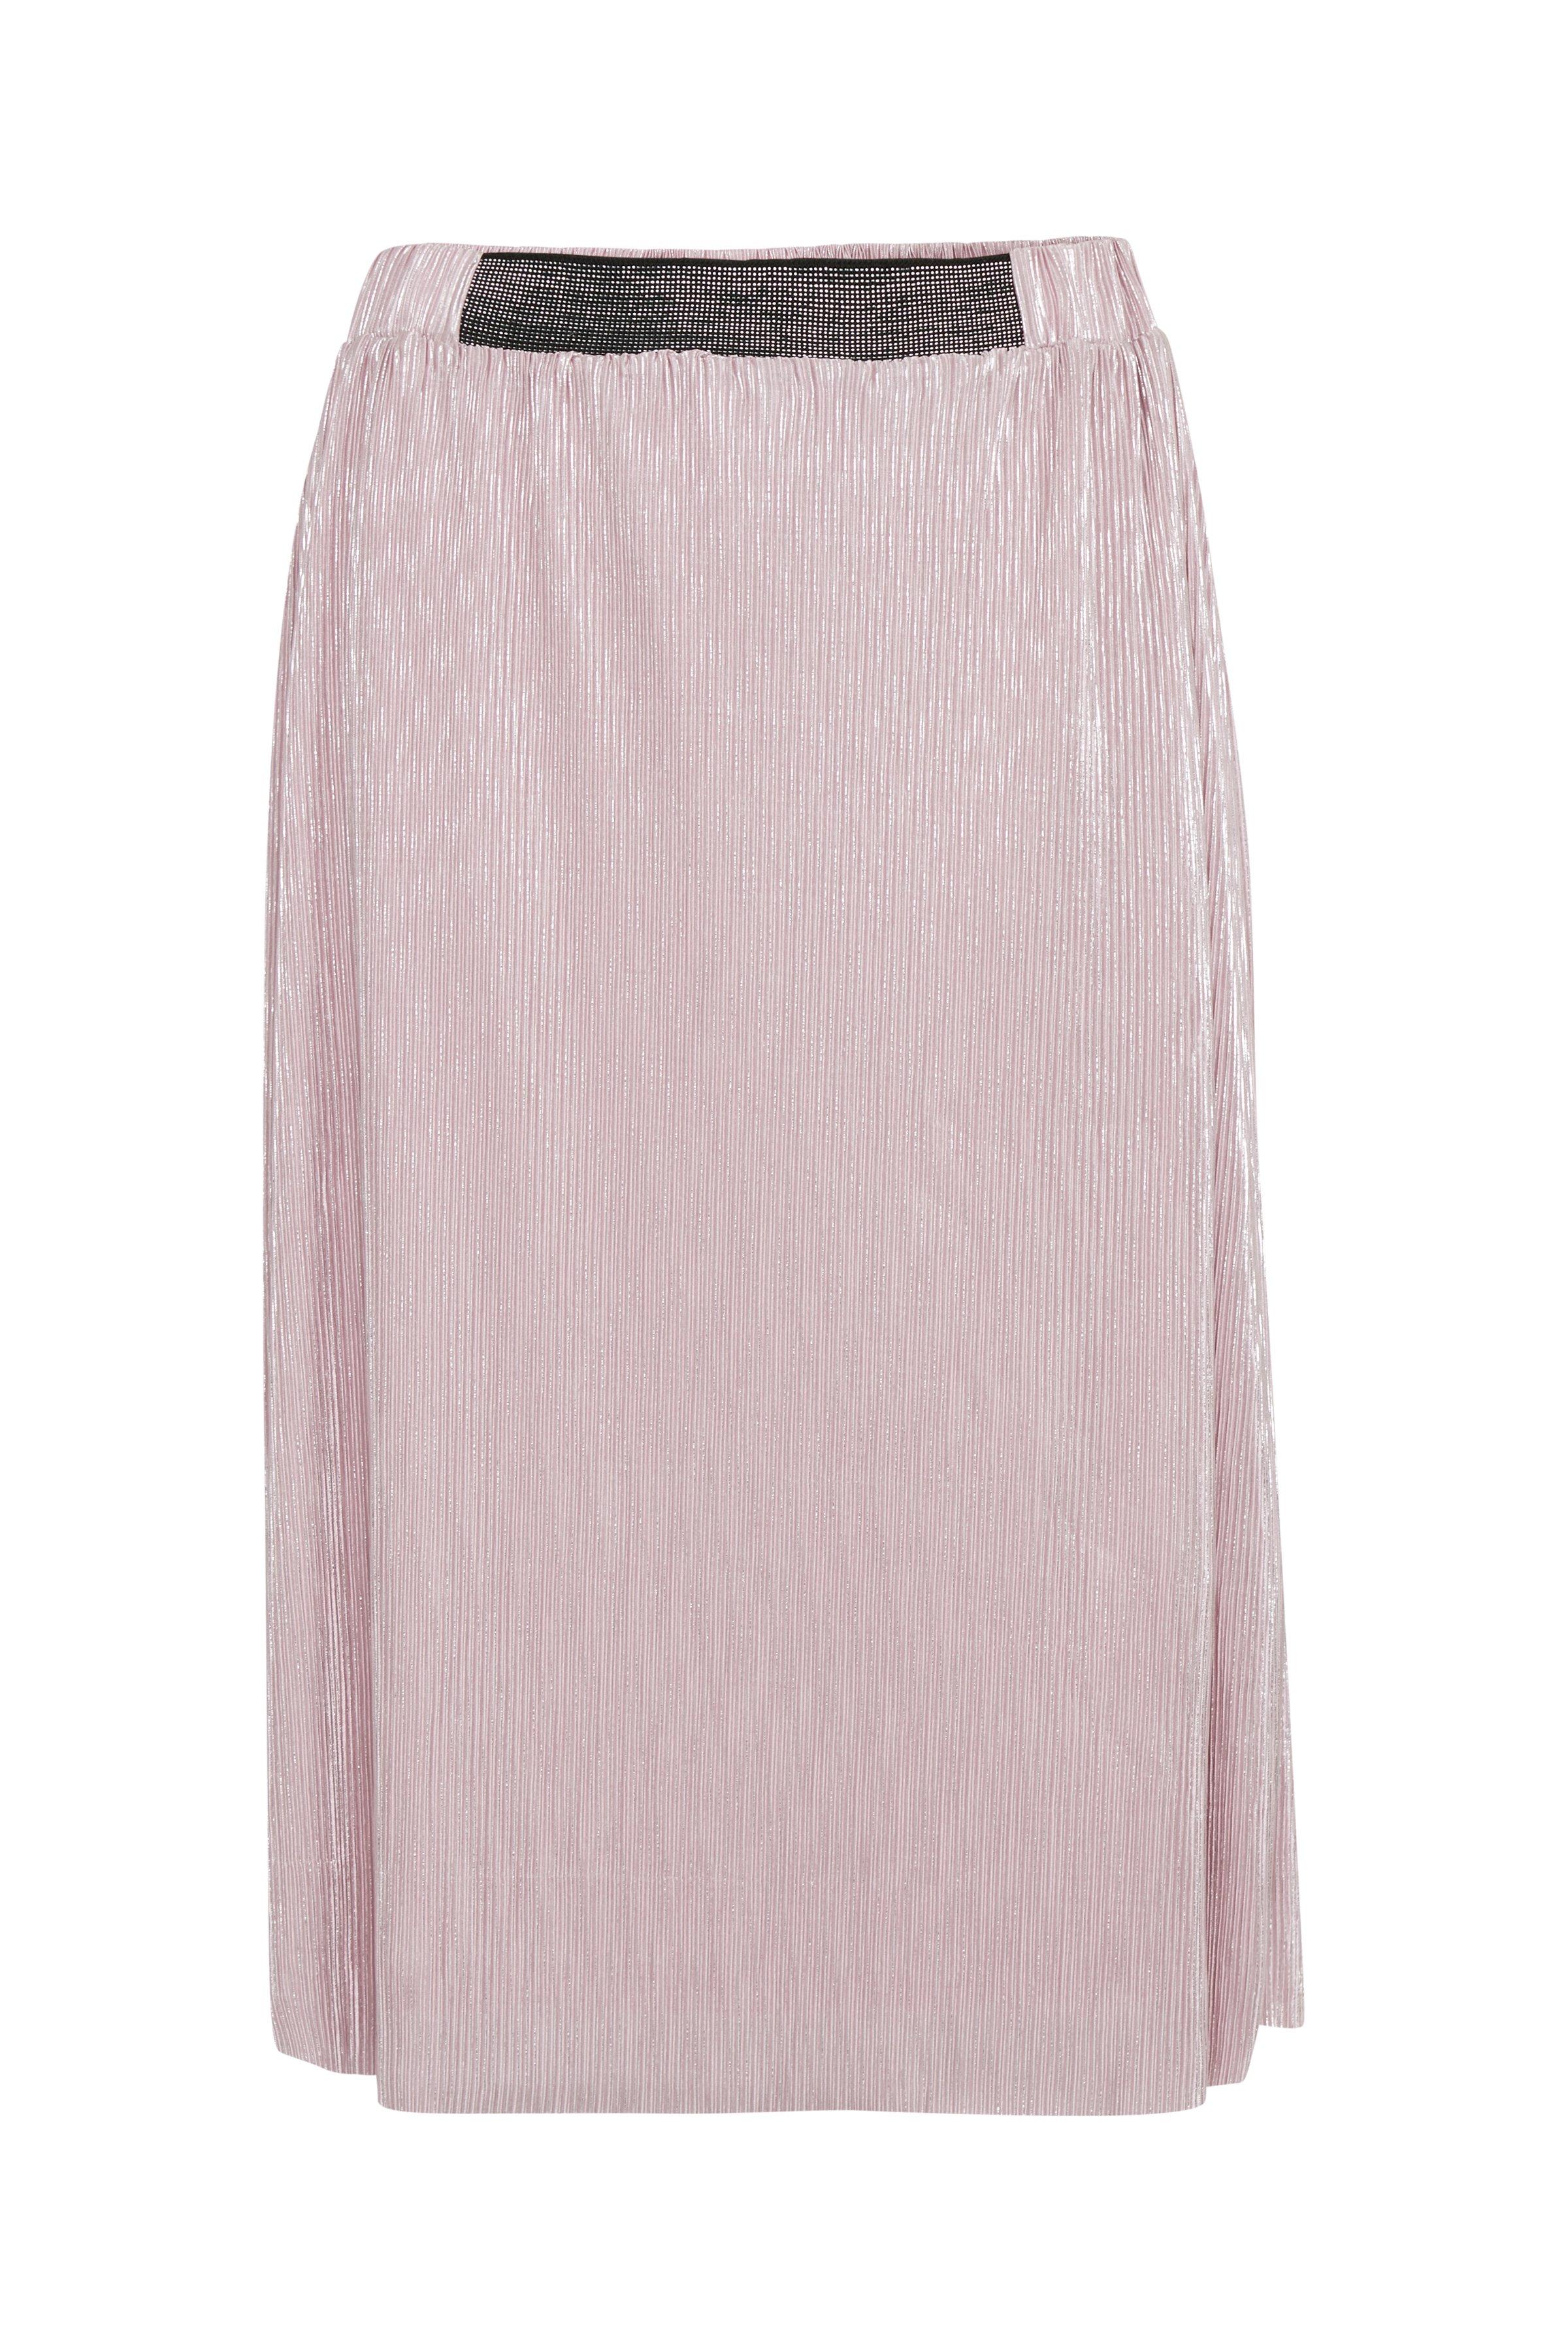 Ljus rosa Kjol från Kaffe – Köp Ljus rosa Kjol från stl. XS-XXL här